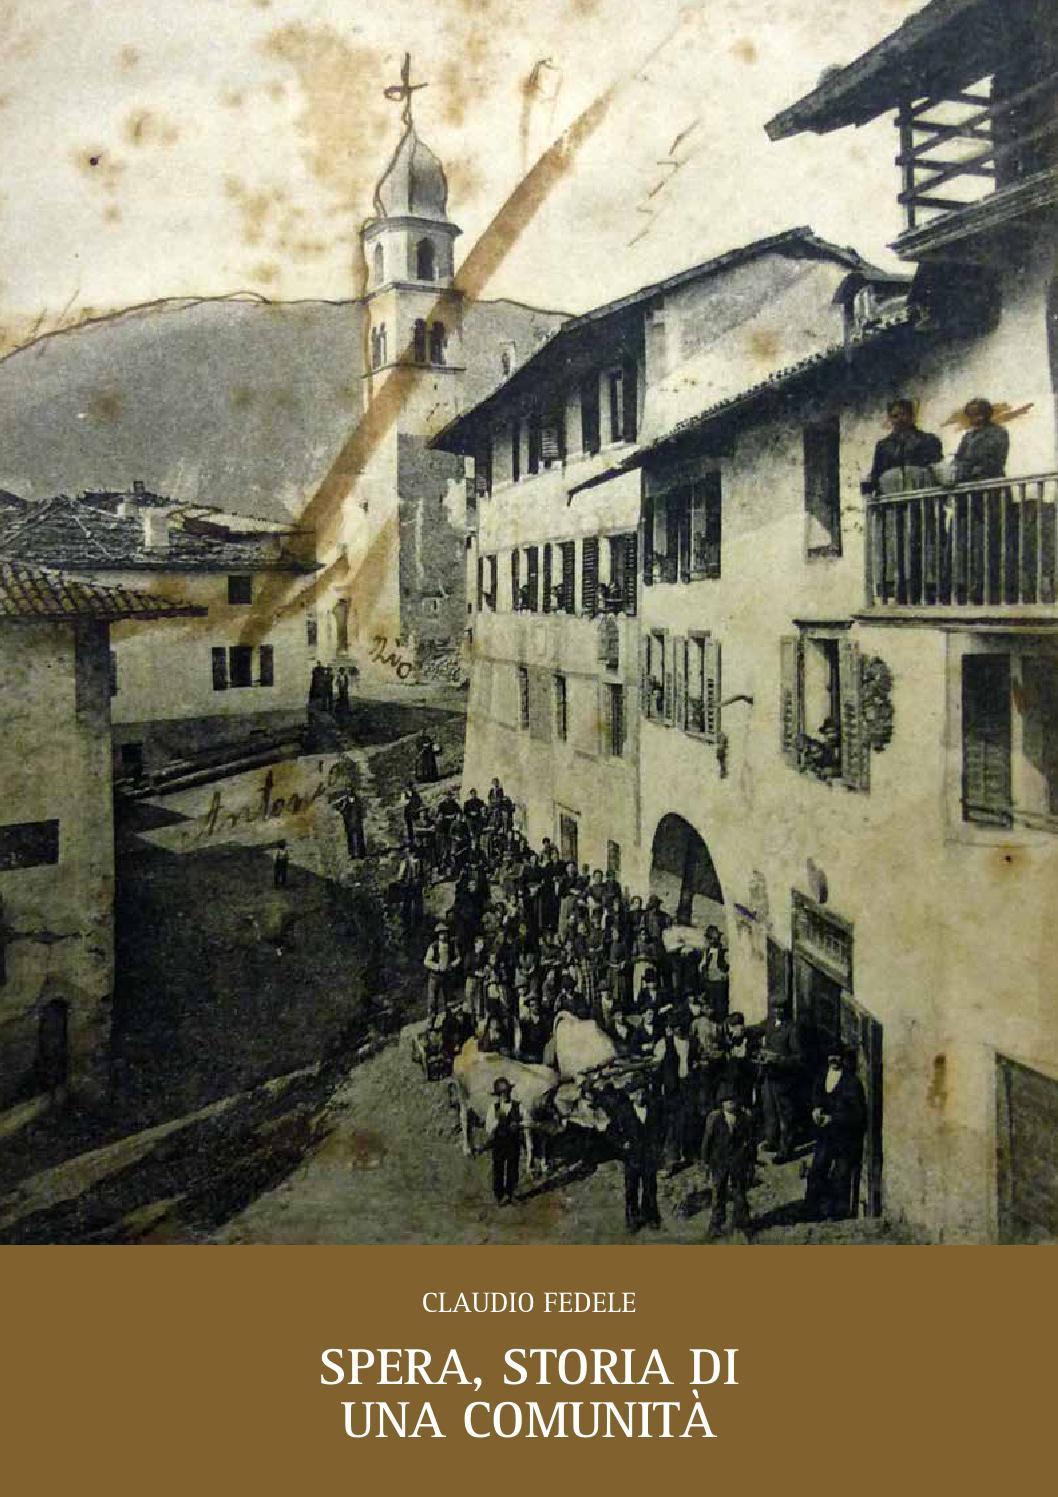 Spera storia di una comunit by ecomuseo valsugana issuu for Una storia piani di casa di campagna francese